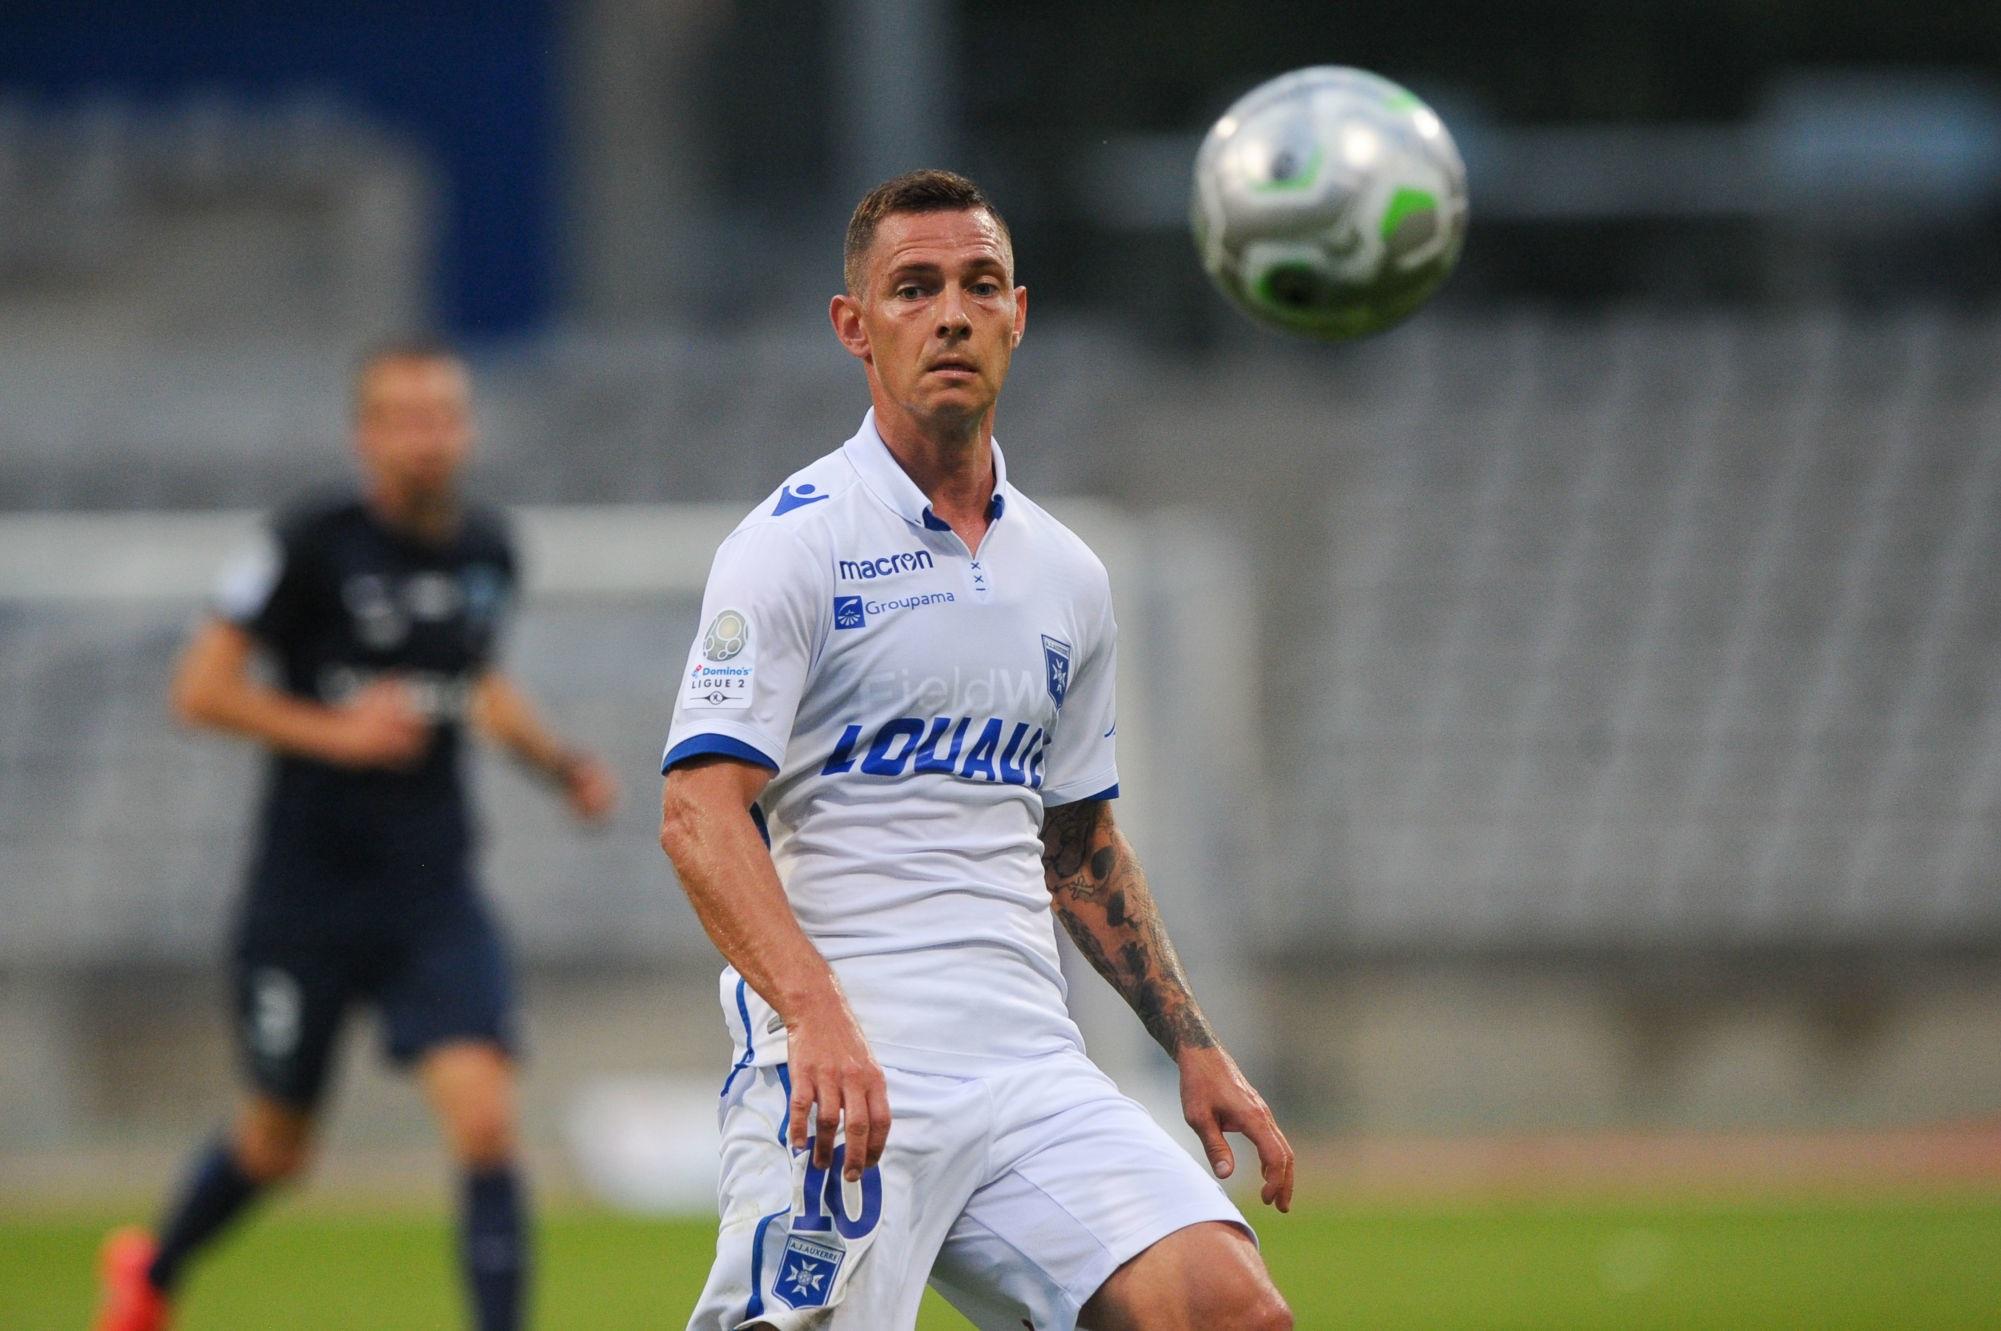 """Obraniak a vu """"une équipe du PSG mauvaise"""" face à Brest et se dit très inquiet"""